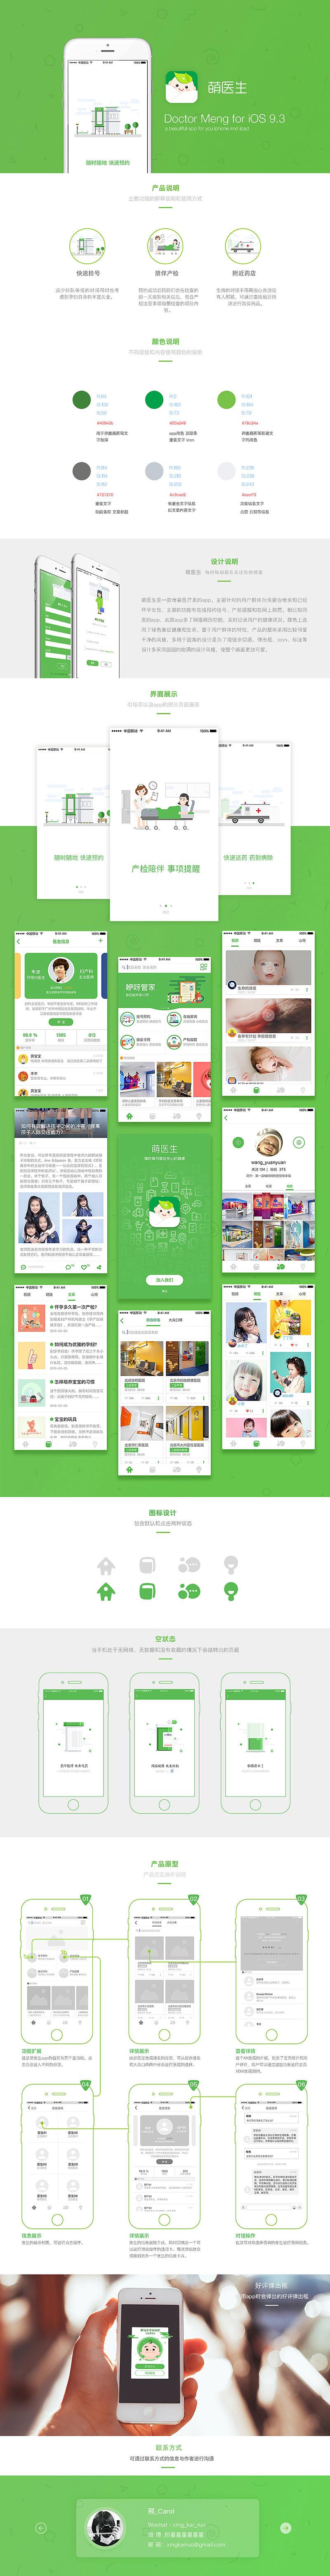 母婴医疗类的app界面设计鉴赏